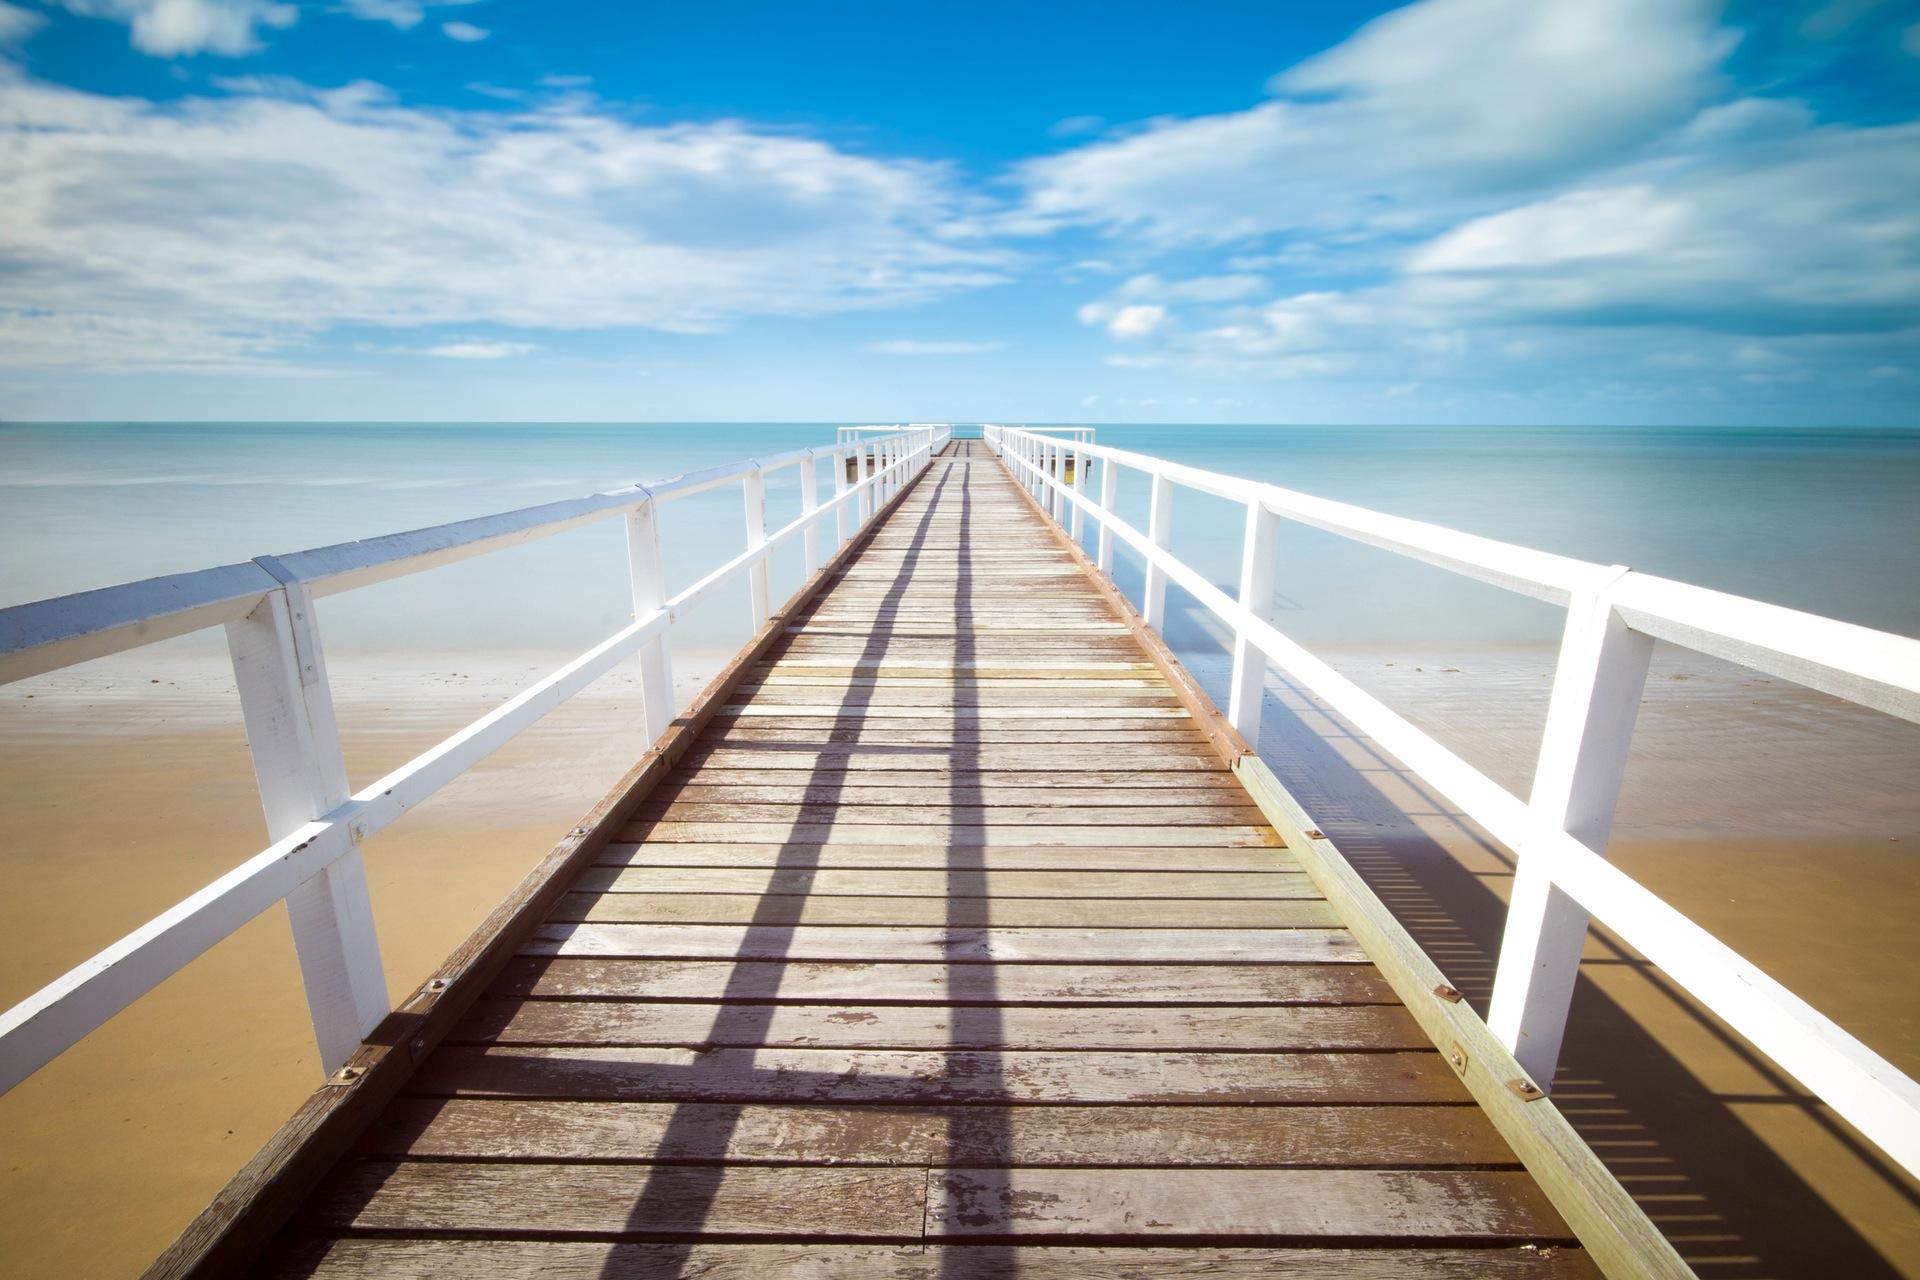 Embarcadero, Praia, Verão, Relaxe, Céu, Mar, água, Azul - Papéis de parede HD - Professor-falken.com